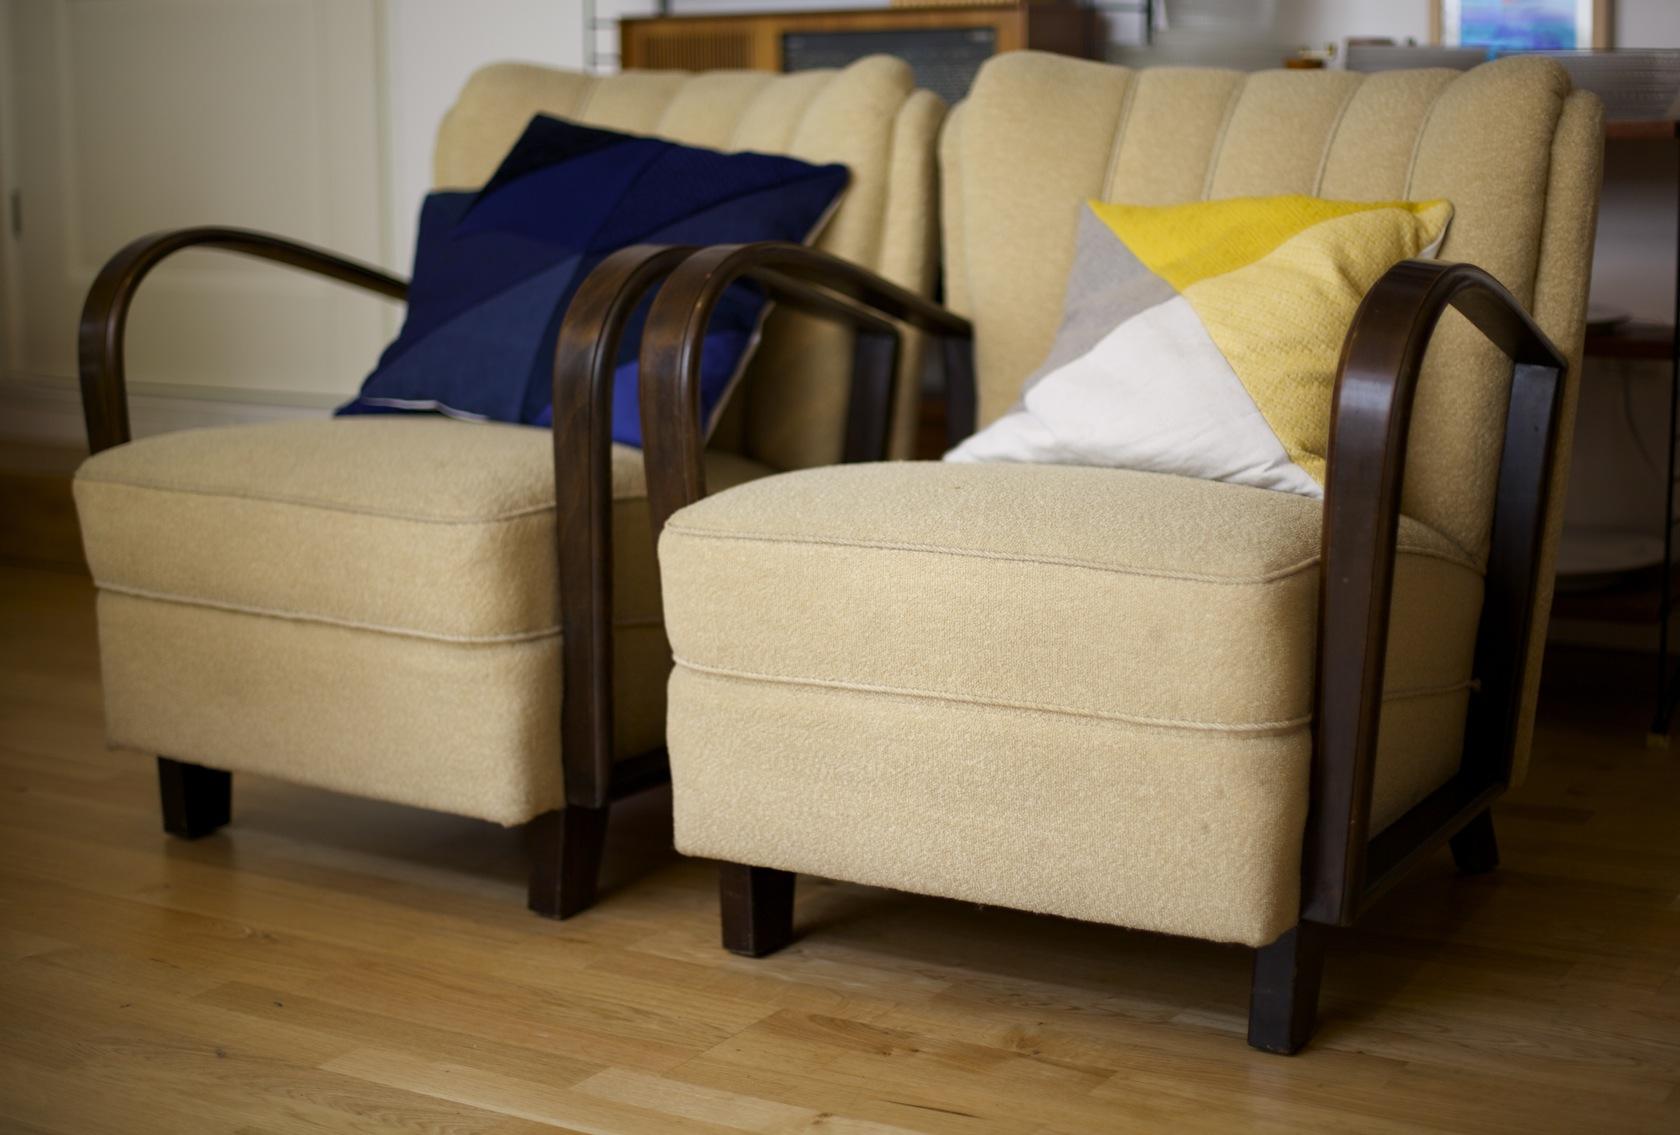 zwei armlehnsessel ca 50er jahre raumwunder vintage wohnen in n rnberg. Black Bedroom Furniture Sets. Home Design Ideas